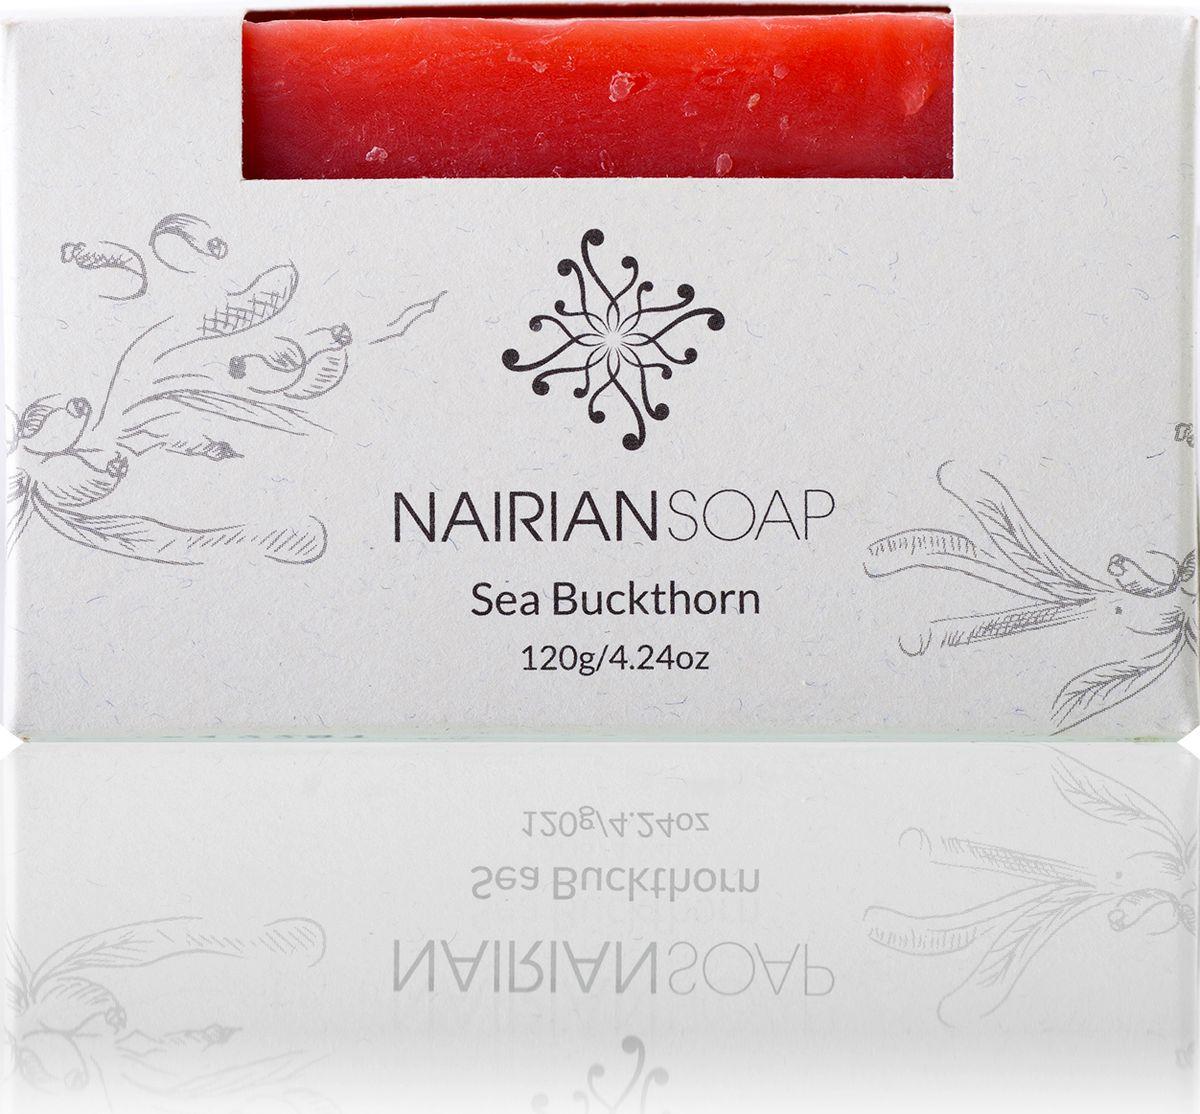 Nairian Мыло, облепиха, 120 г66-Ф-294(р)Содержит 100% чистого облепихового масла, полученного в процессе экстракции. А оно, как известно, восстанавливает кожные клетки и помогает заживлять ожоги (в том числе солнечные), порезы, ранки, лечить высыпания. Кроме того, в состав мыла входит ментол, обладающий охлаждающими и аналгезирующими свойствами, а также успокаивающий уставшие и болящие мышцы. Благодаря восстанавливающим способностям облепихи и охлаждающему, обезболивающему ментолу это мыло подходит для всего тела (кроме интимных участков и области вокруг глаз) и даже может служить в качестве пены для бритья.